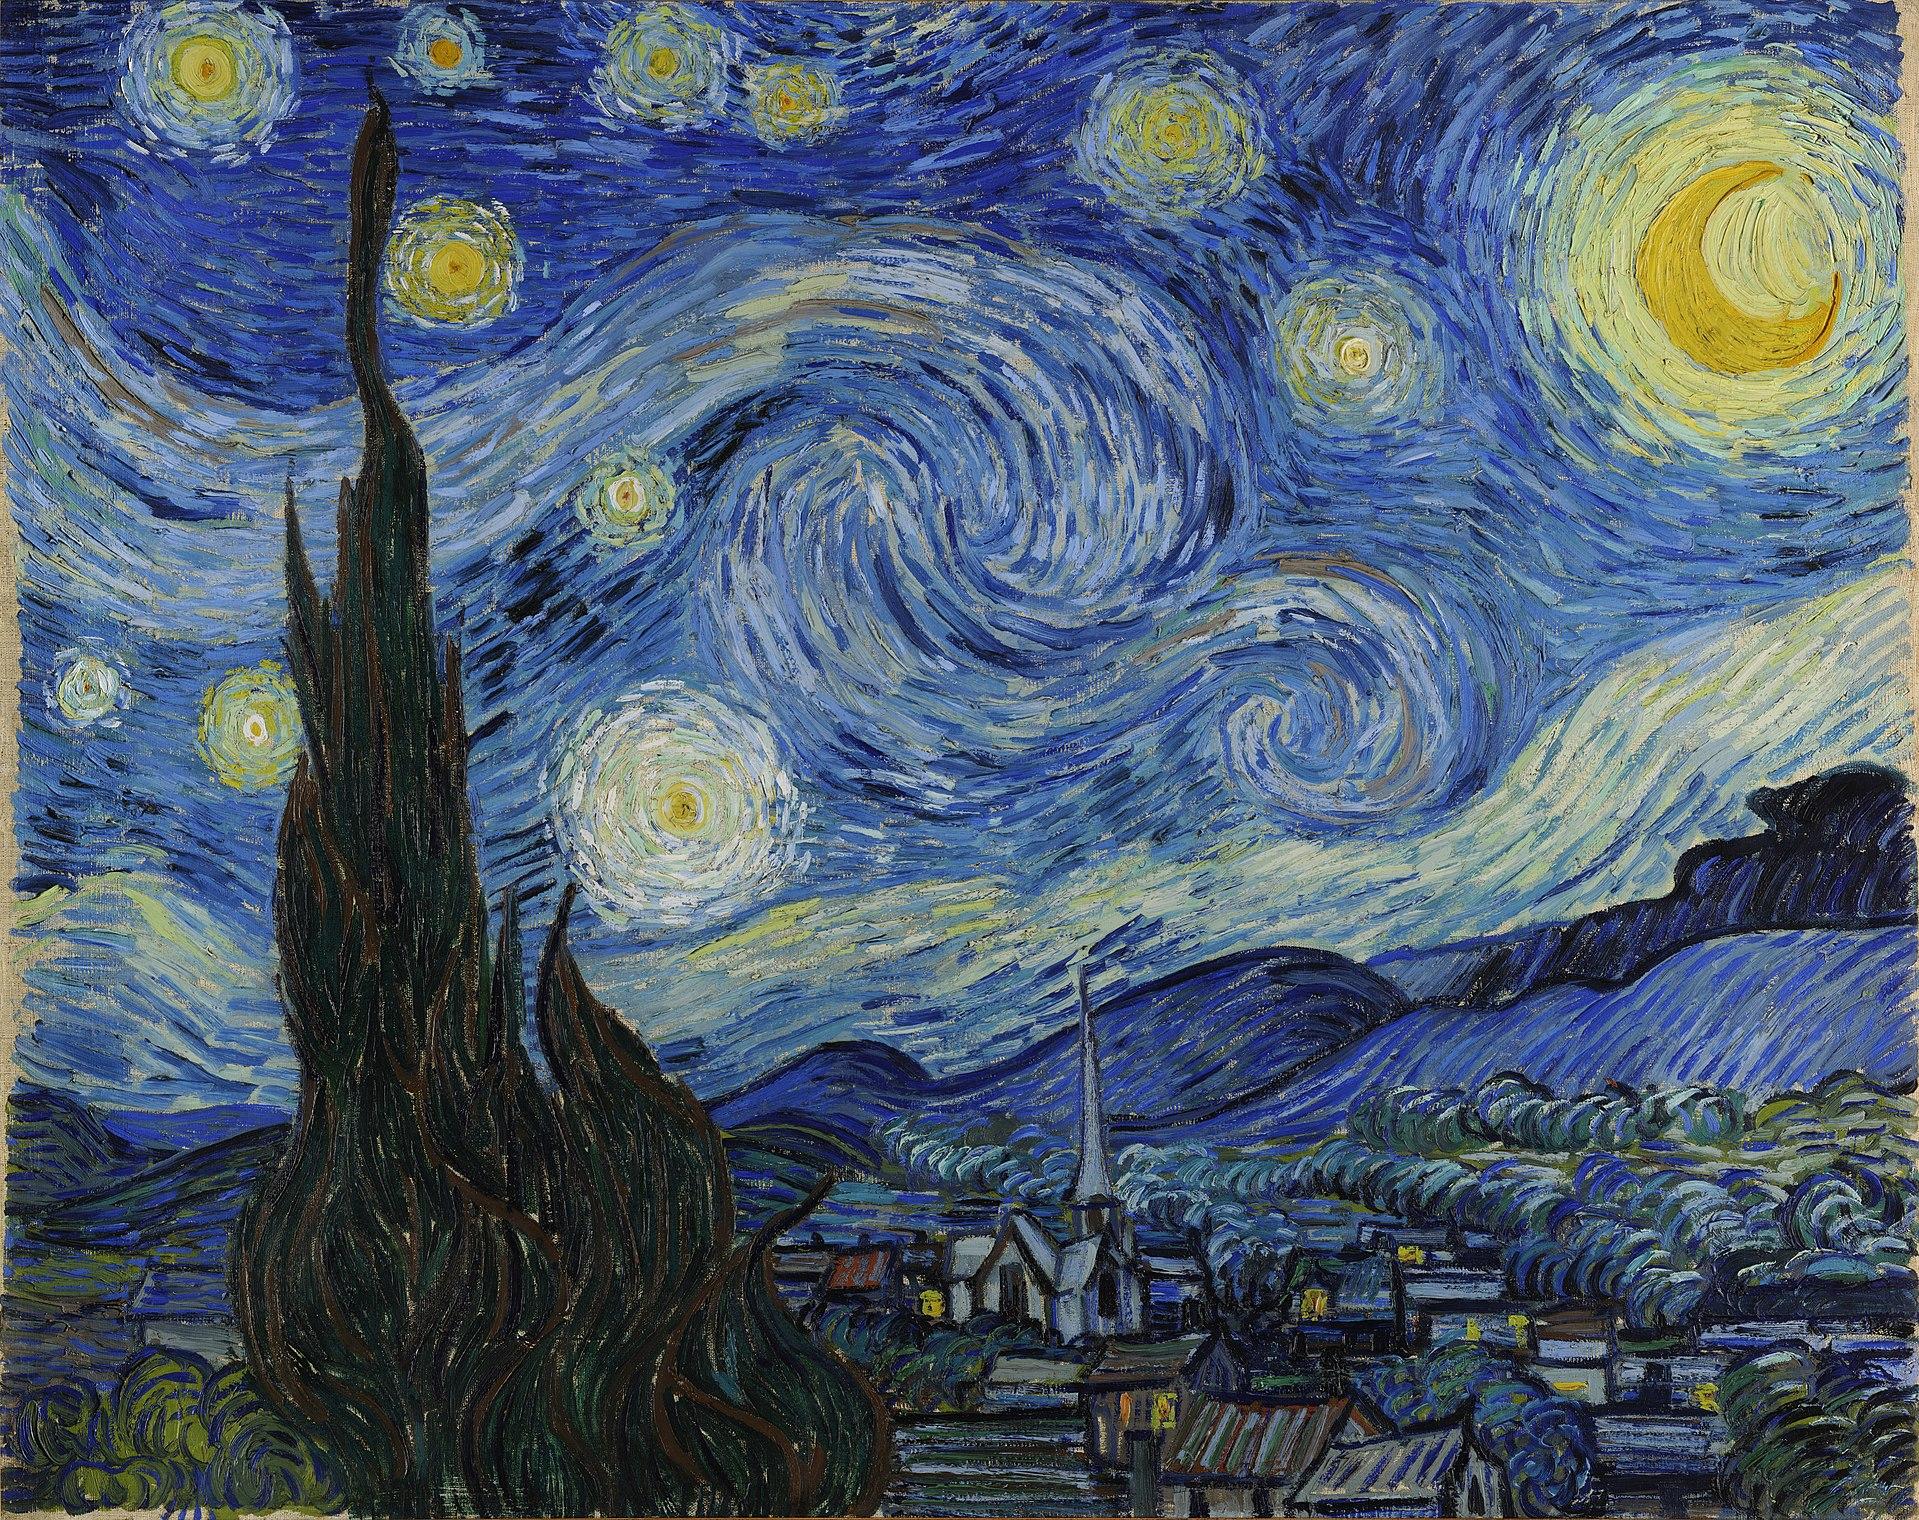 Sterrennacht, Vincent van Gogh, 1889